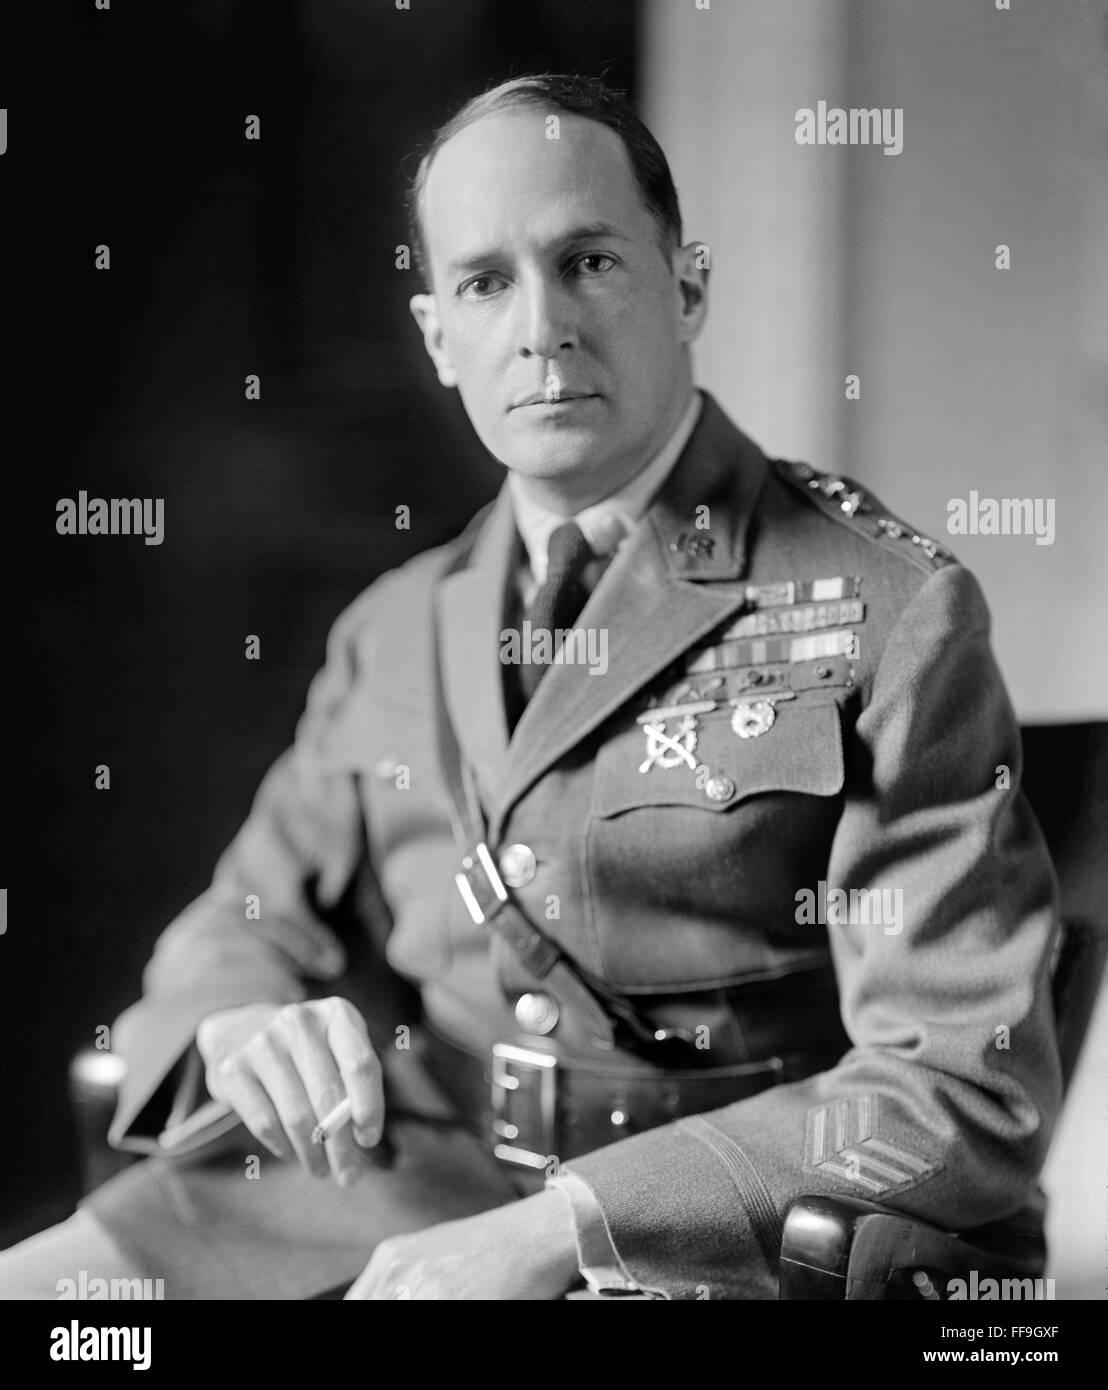 douglas macarthur Thống tướng douglas macarthur (26 tháng 1 năm 1880 - 5 tháng 4 năm 1964) là một danh tướng của hoa kỳ và là thống tướng quân đội.